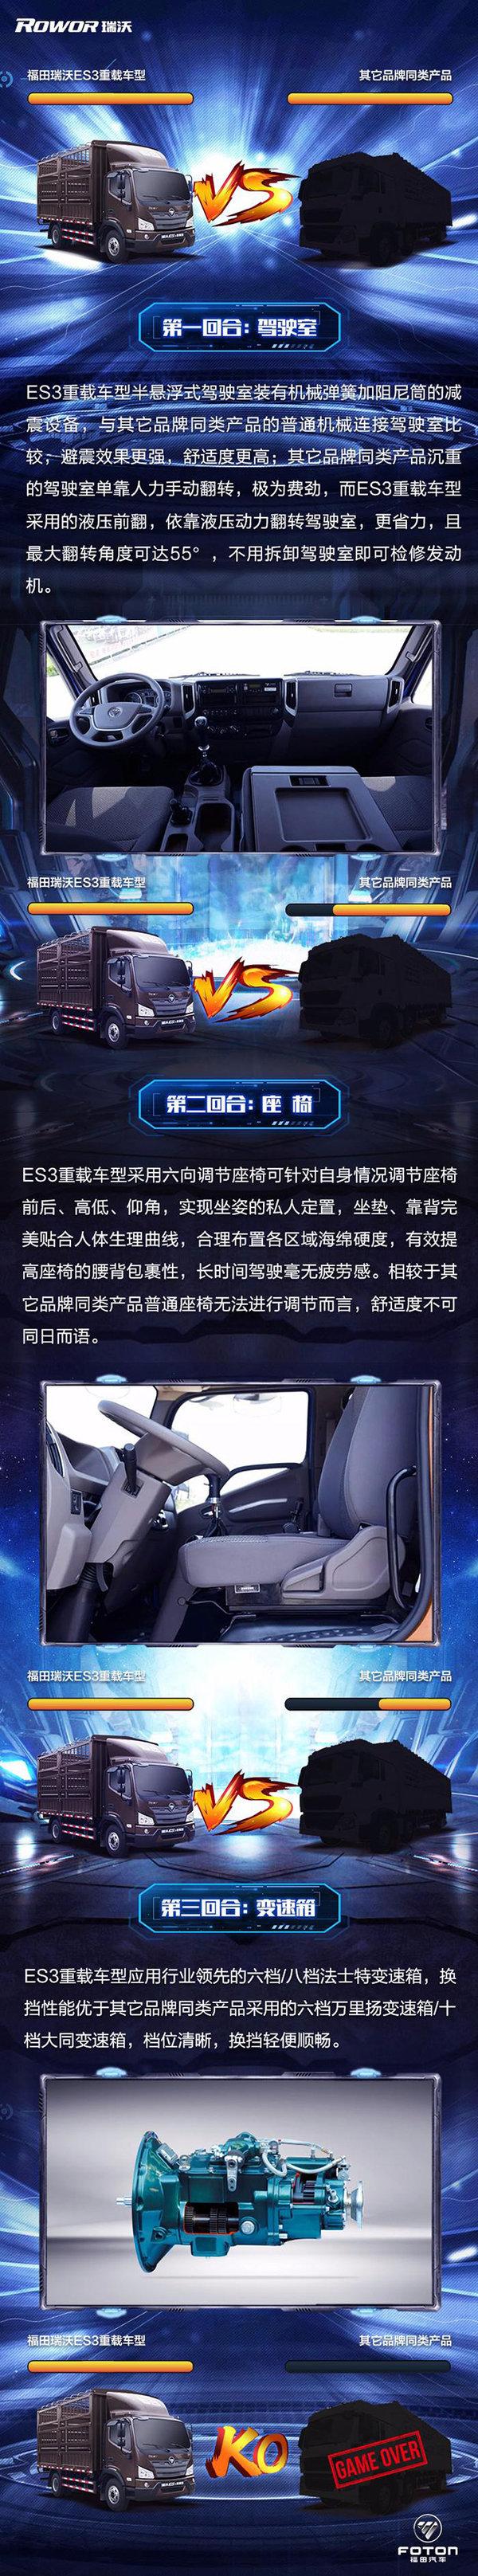 福田瑞沃ES3重载车型大比拼之舒适篇!